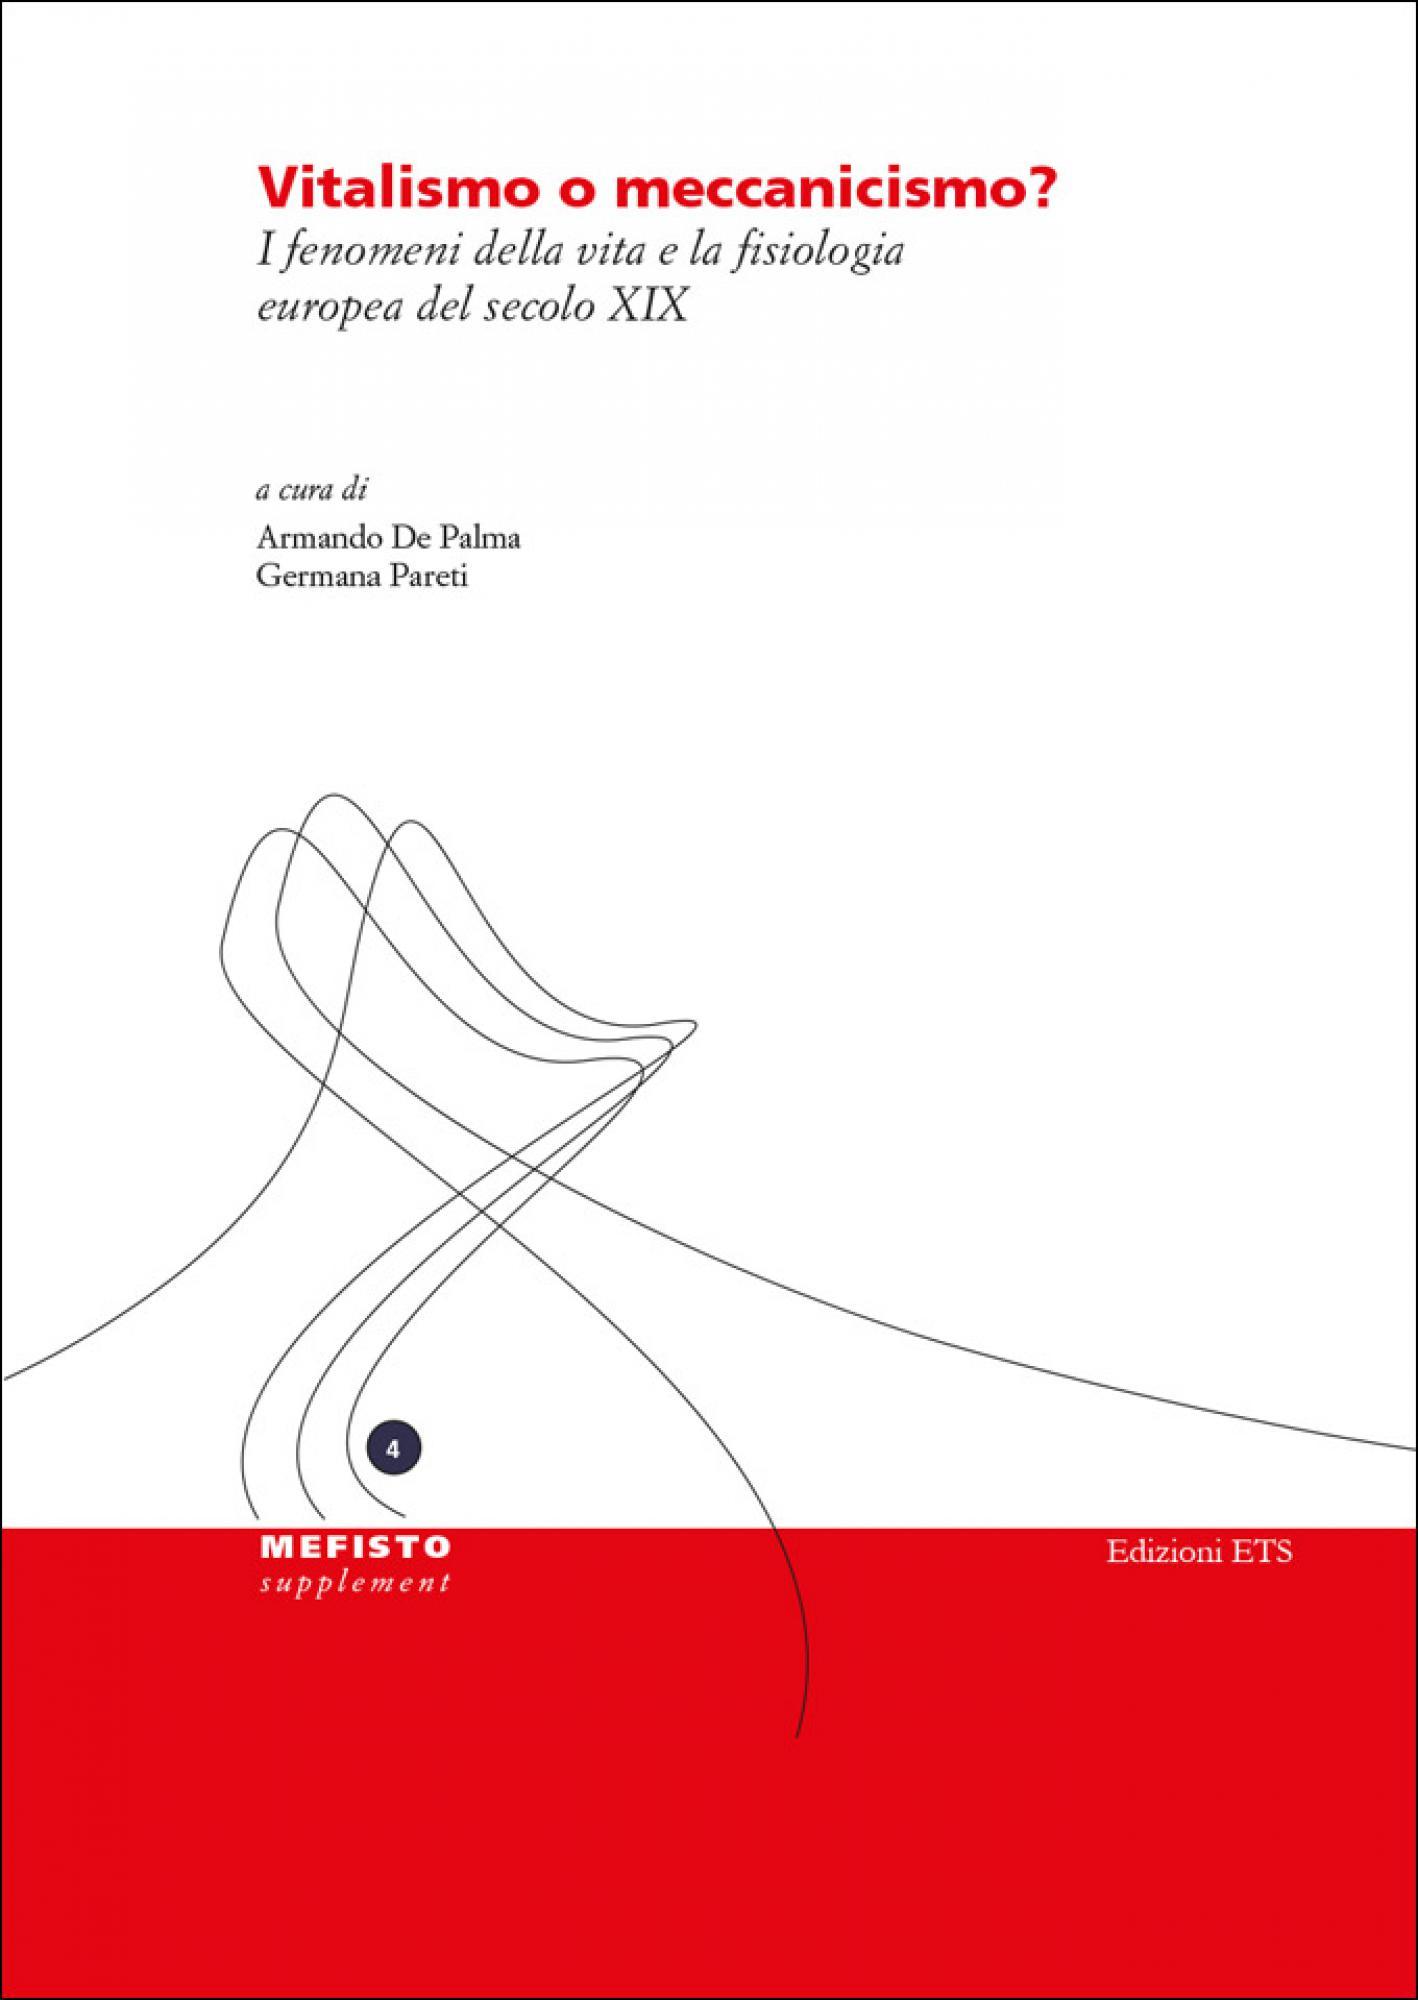 Vitalismo o meccanicismo?.I fenomeni della vita e la fisiologia europea del secolo XIX